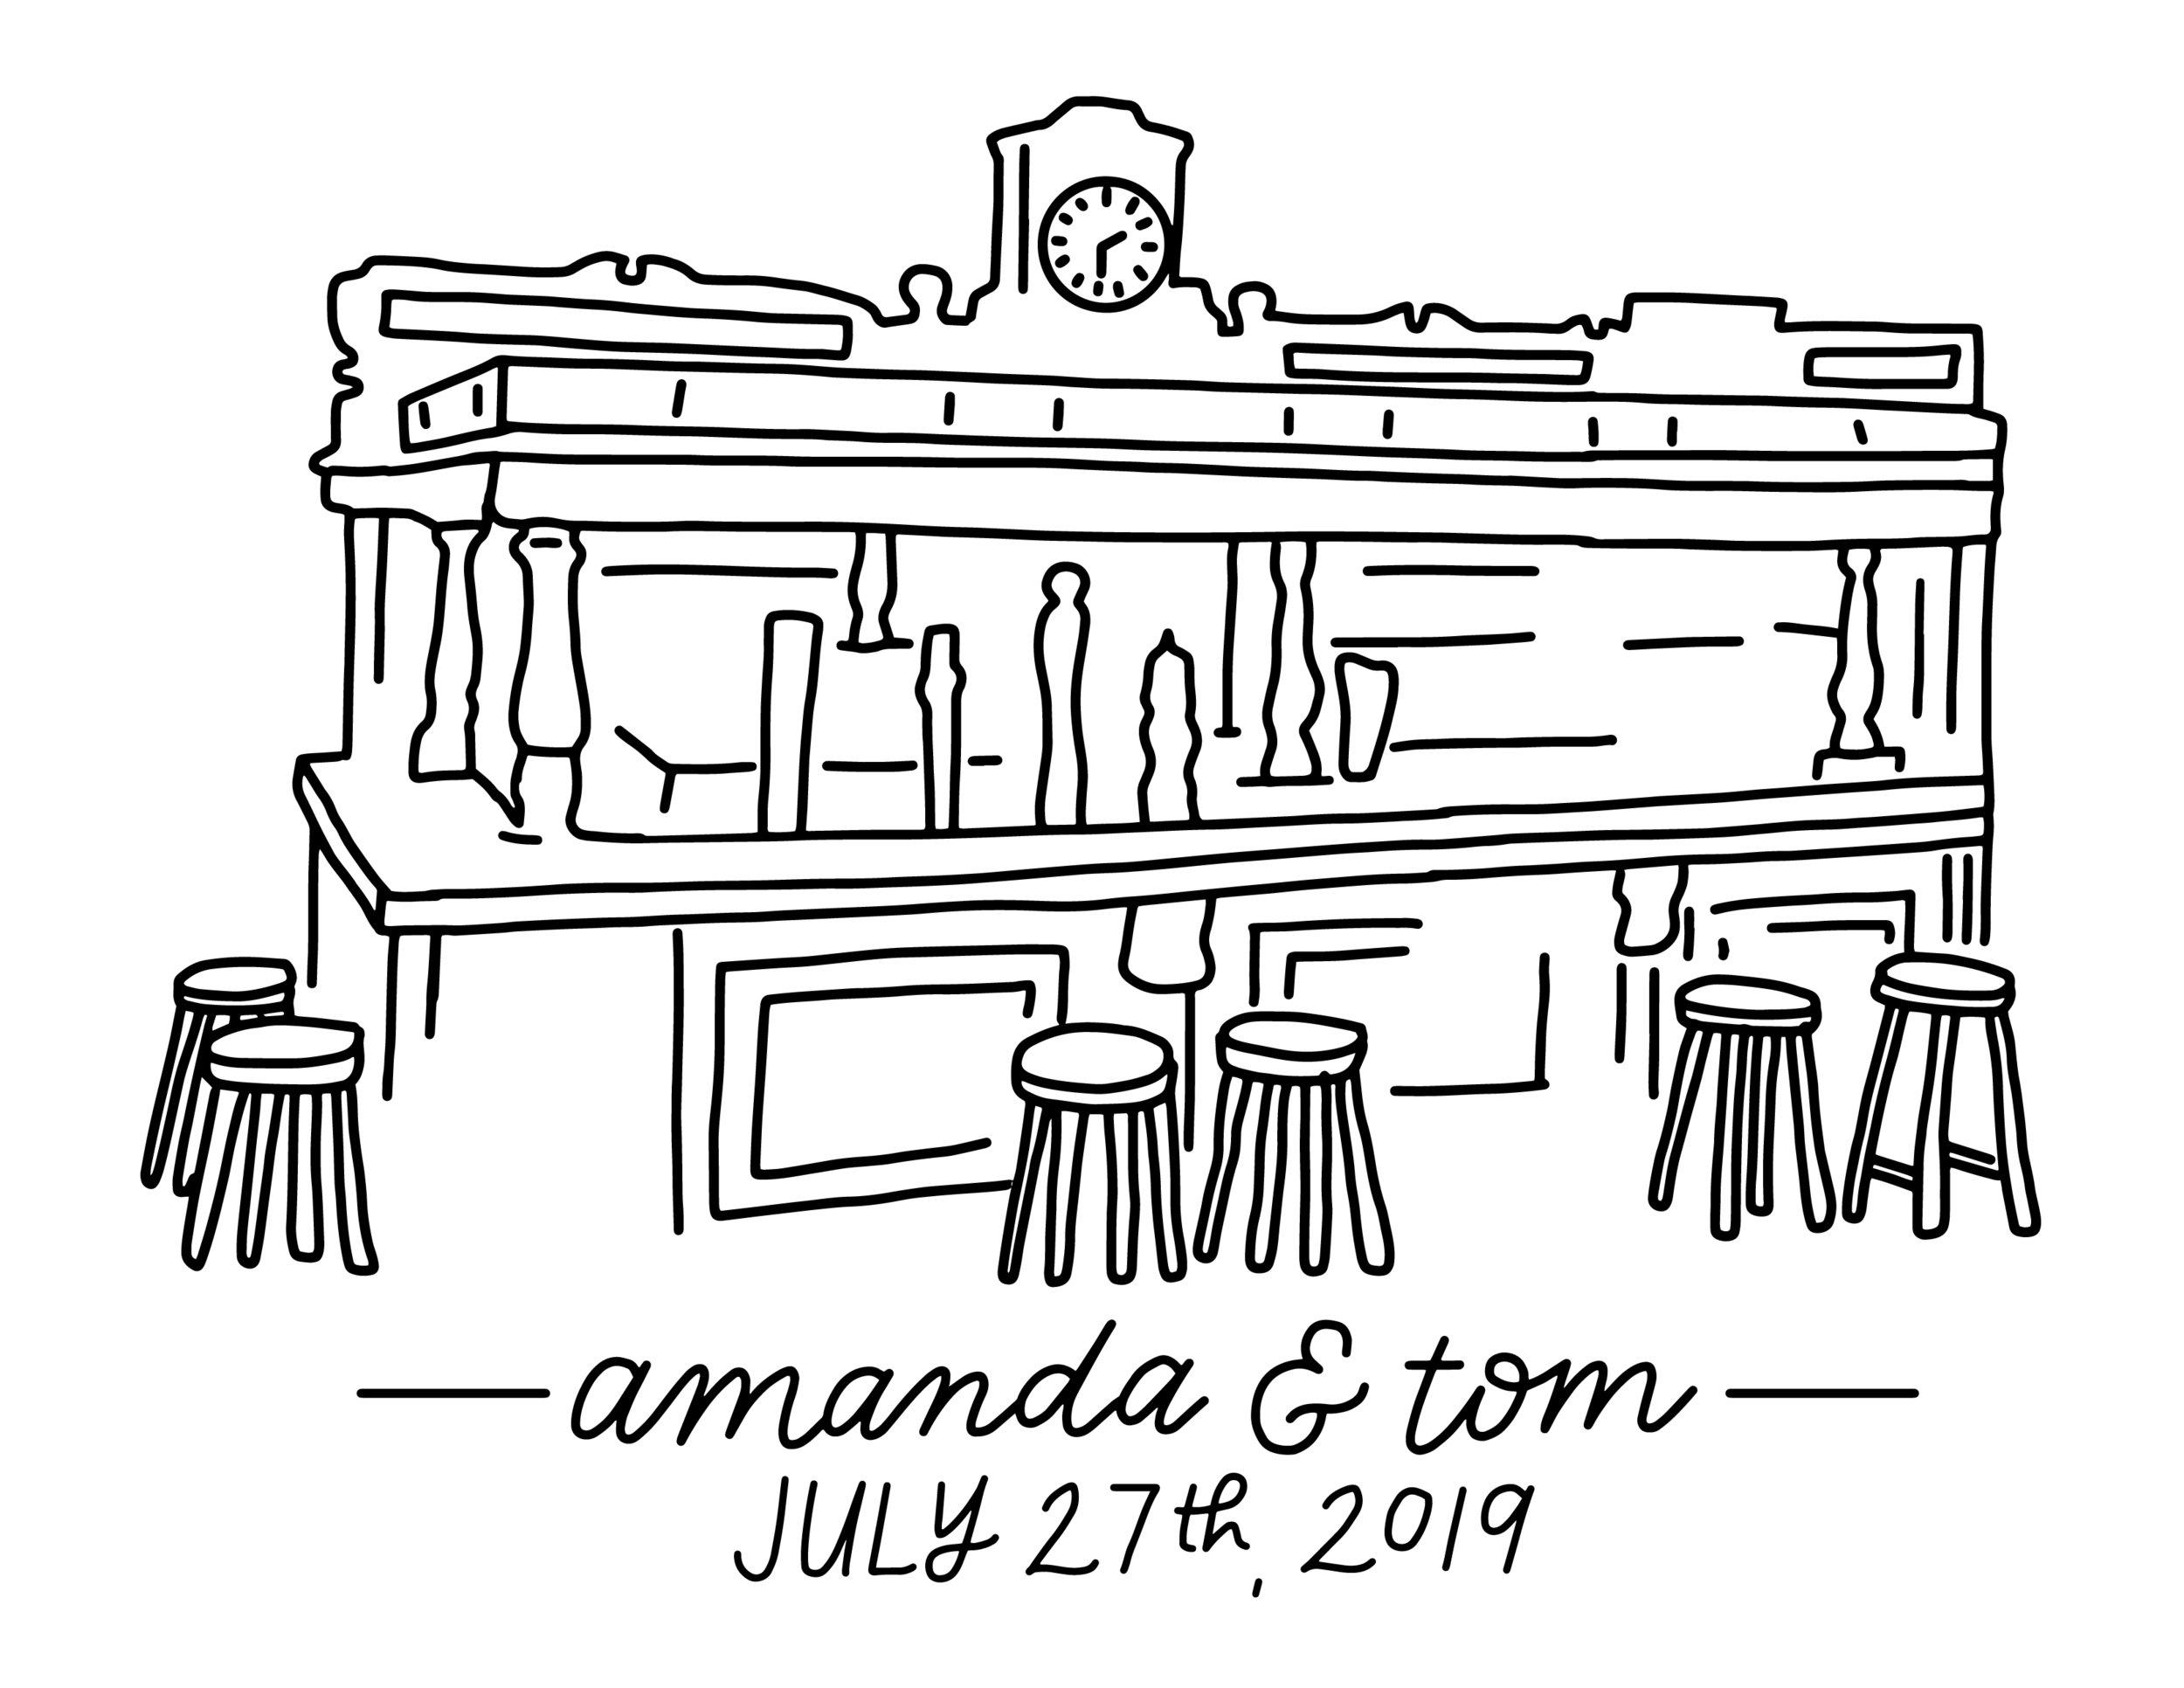 Amanda and Tom - Wedding Illustration